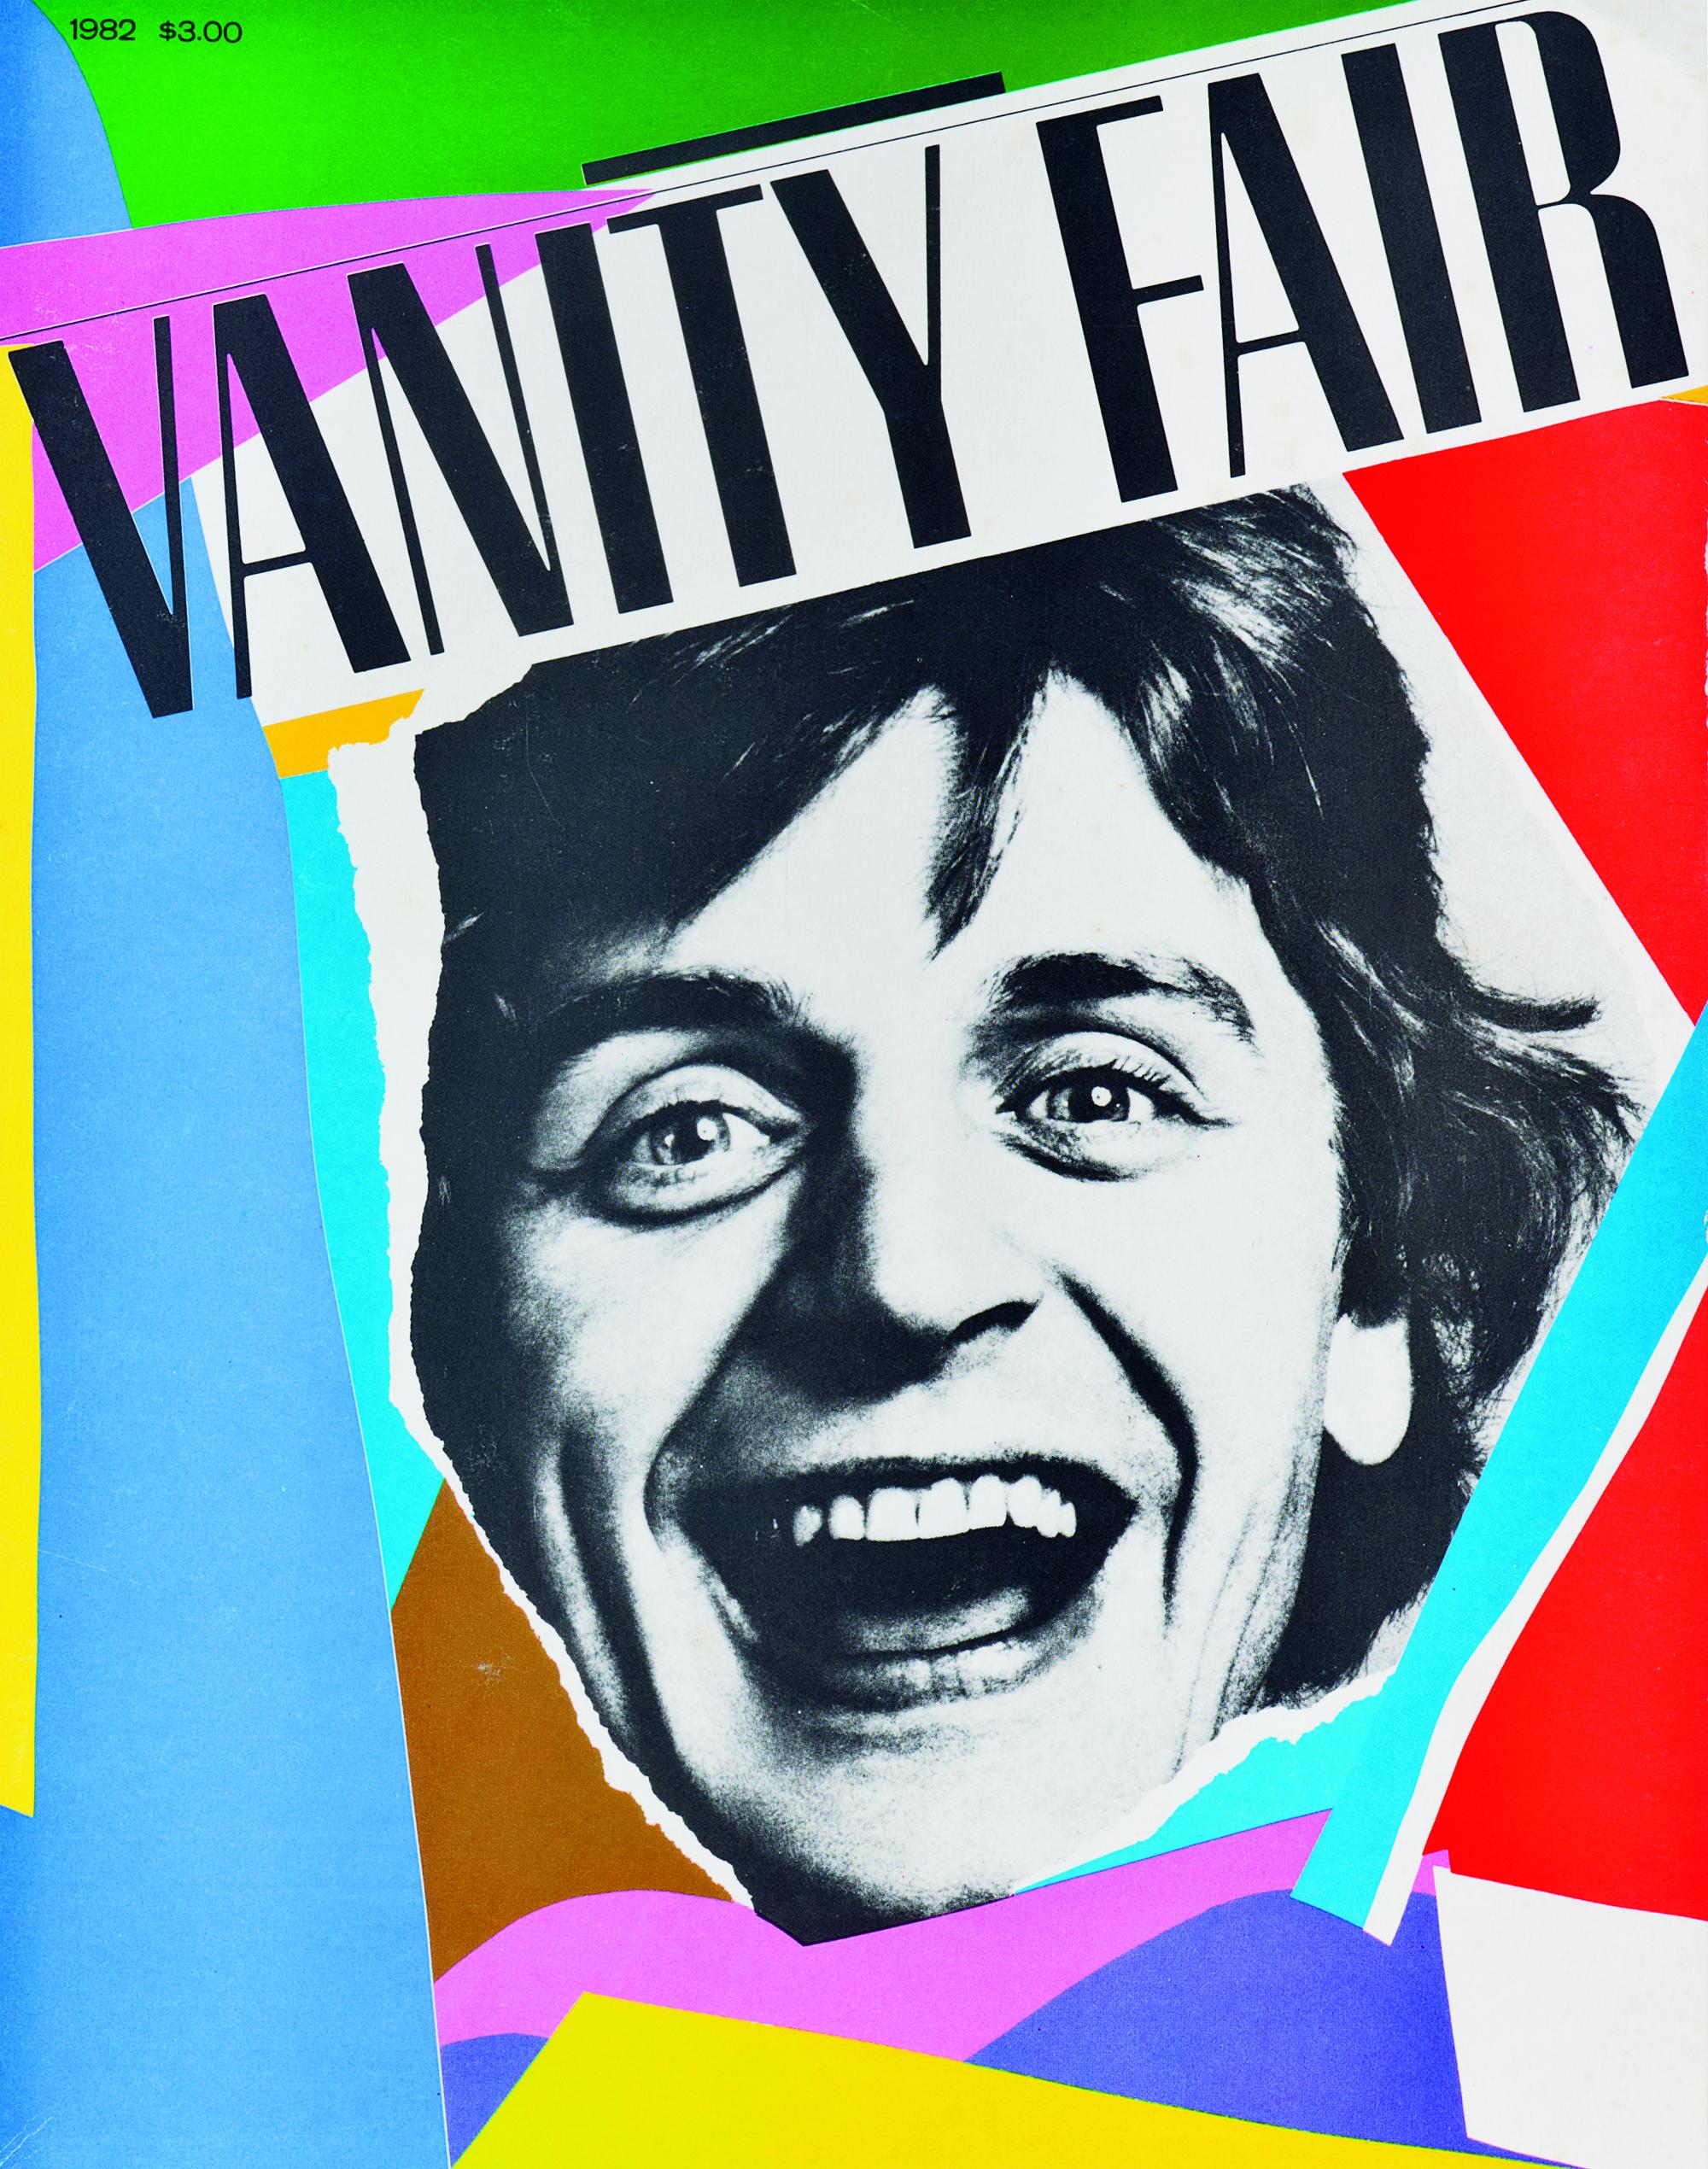 Bea Feitler cover for Vanity Fair.